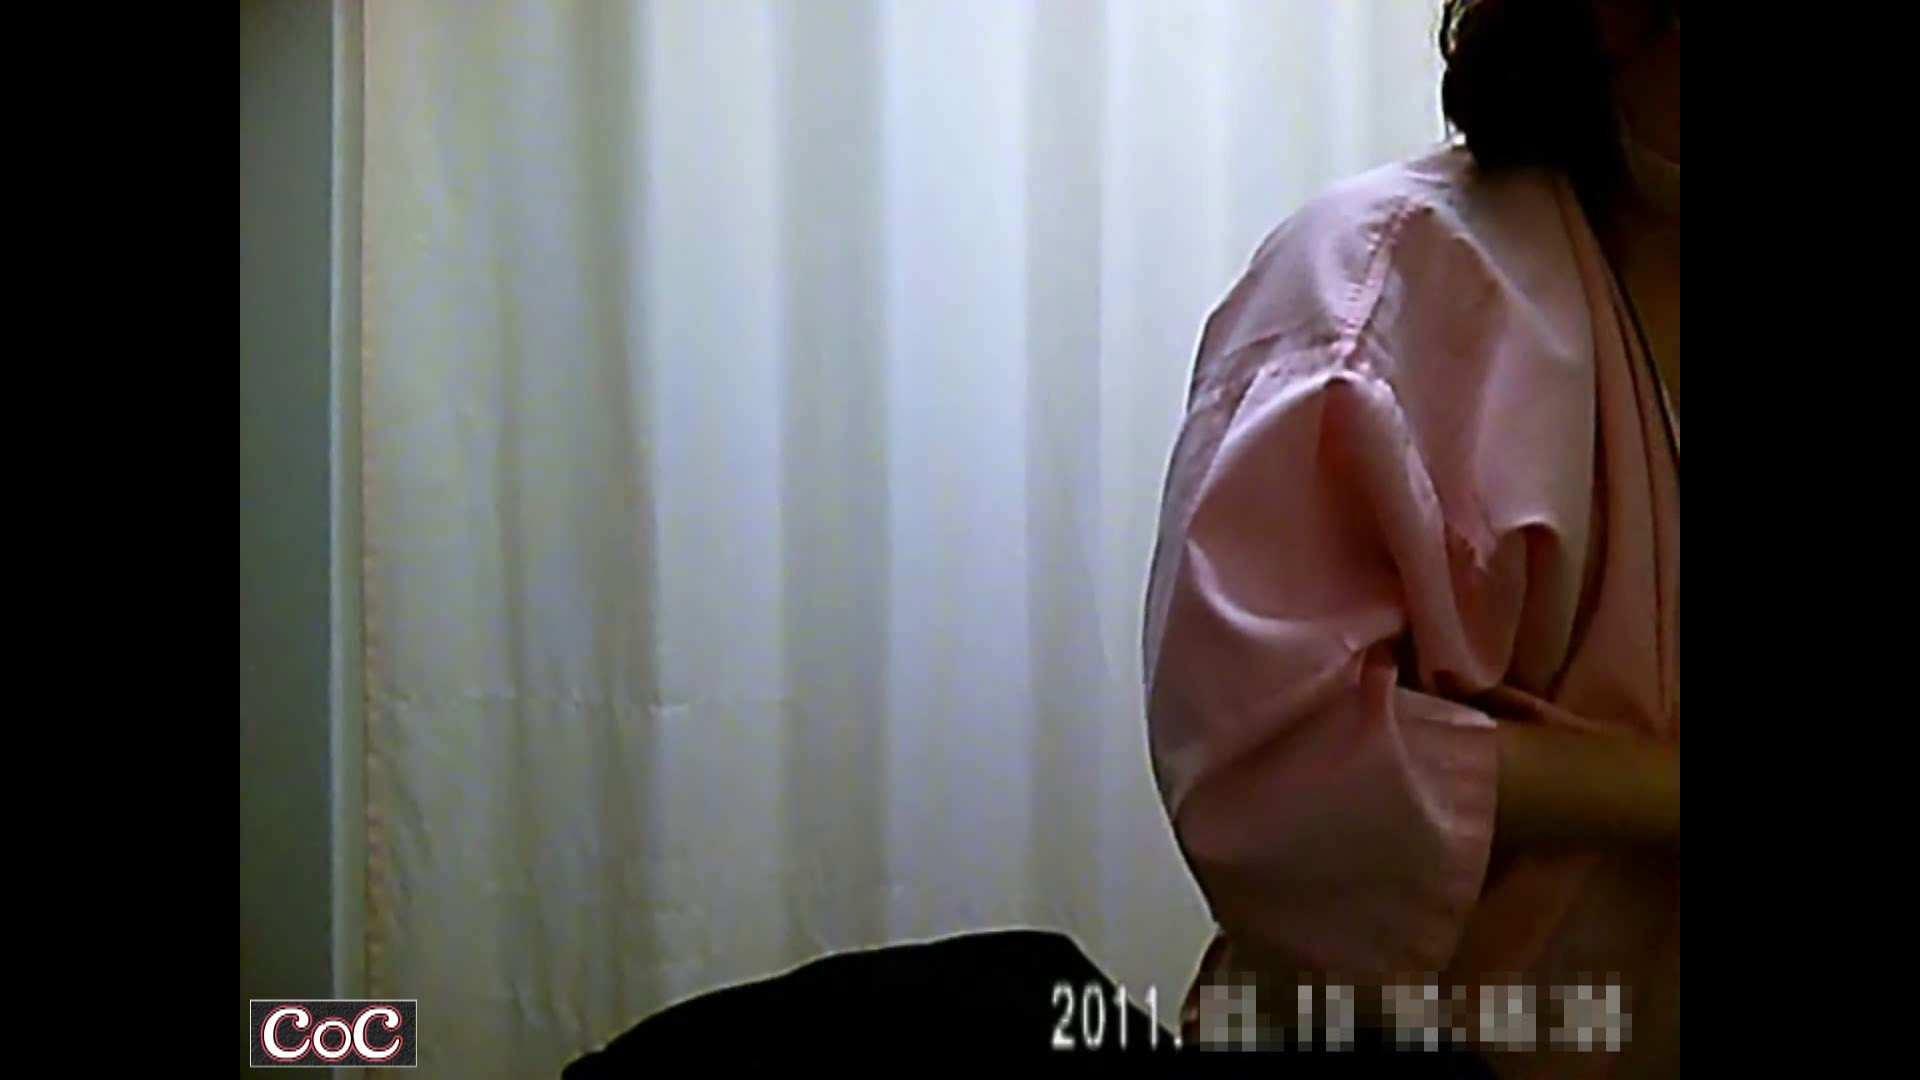 元医者による反抗 更衣室地獄絵巻 vol.201 盛合せ | 0  97画像 50